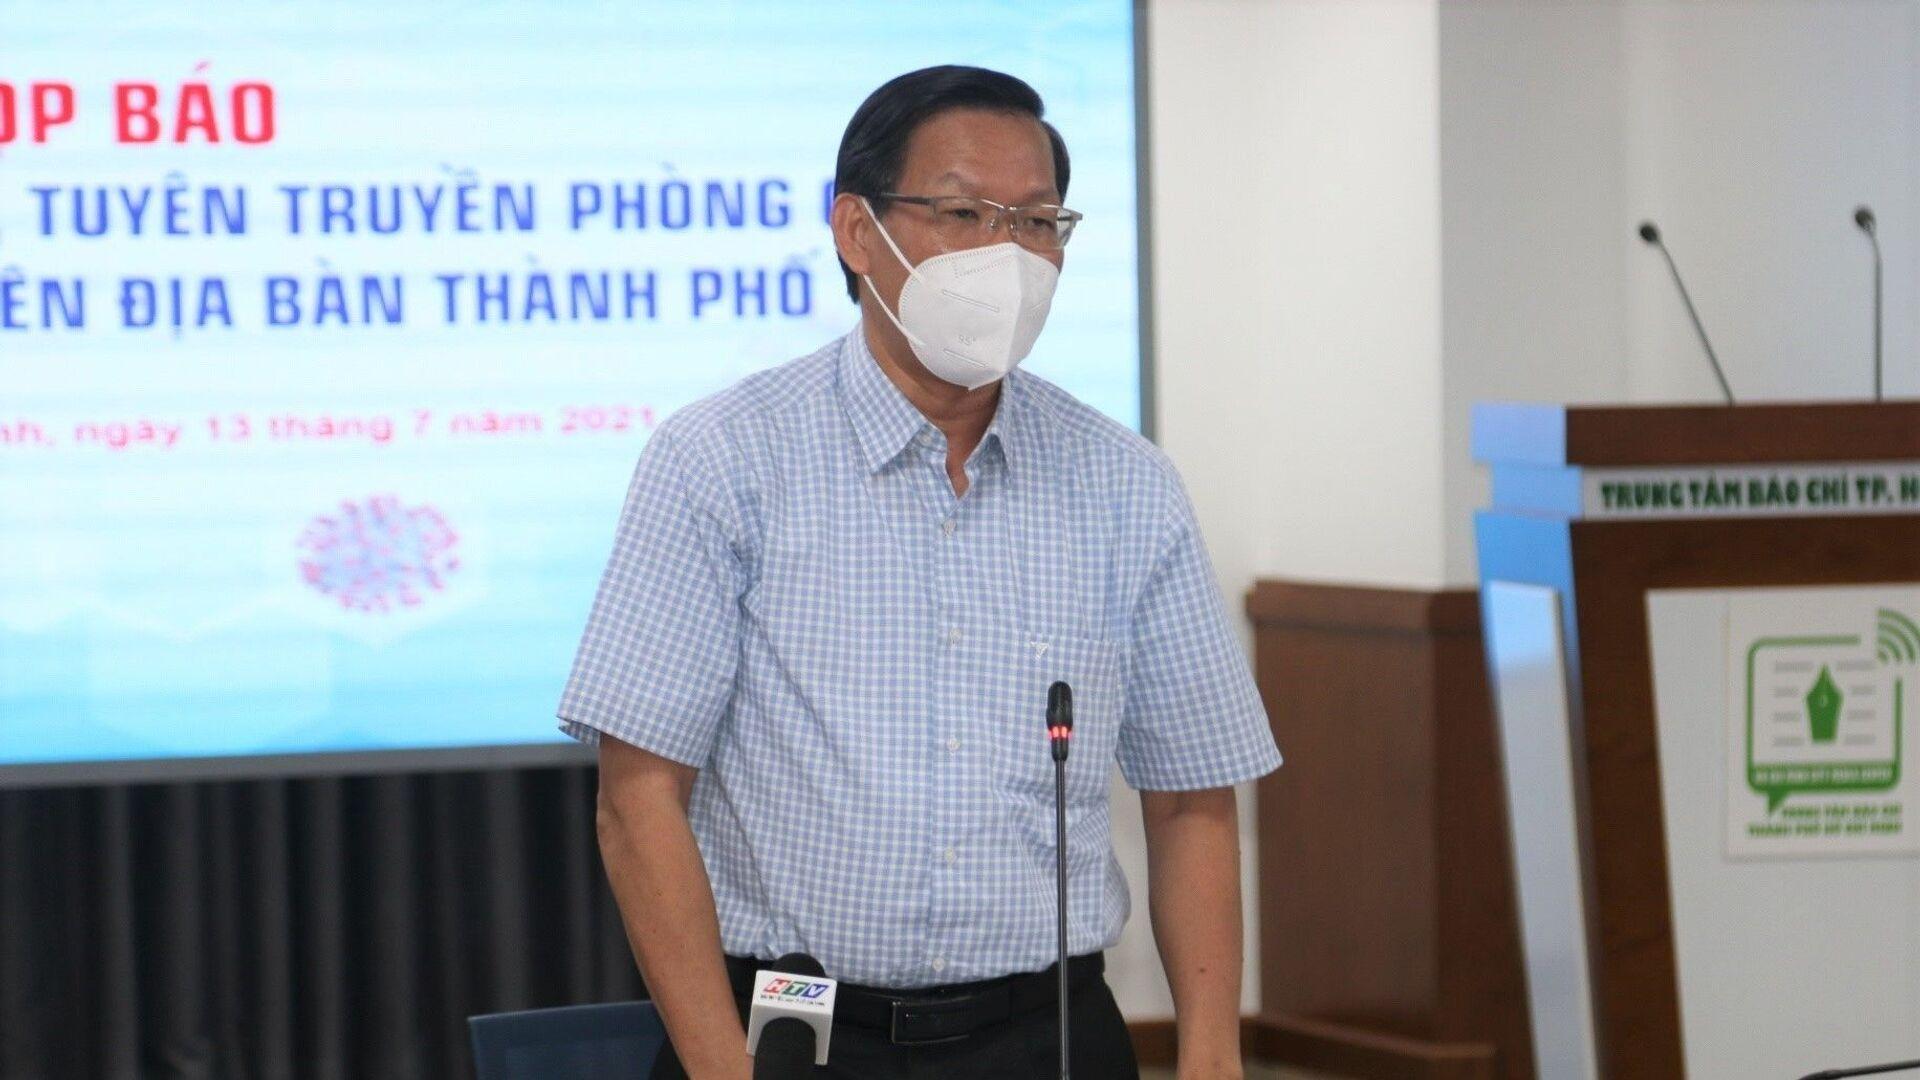 Ông Phan Văn Mãi phát biểu tại buổi họp báo - Sputnik Việt Nam, 1920, 24.08.2021